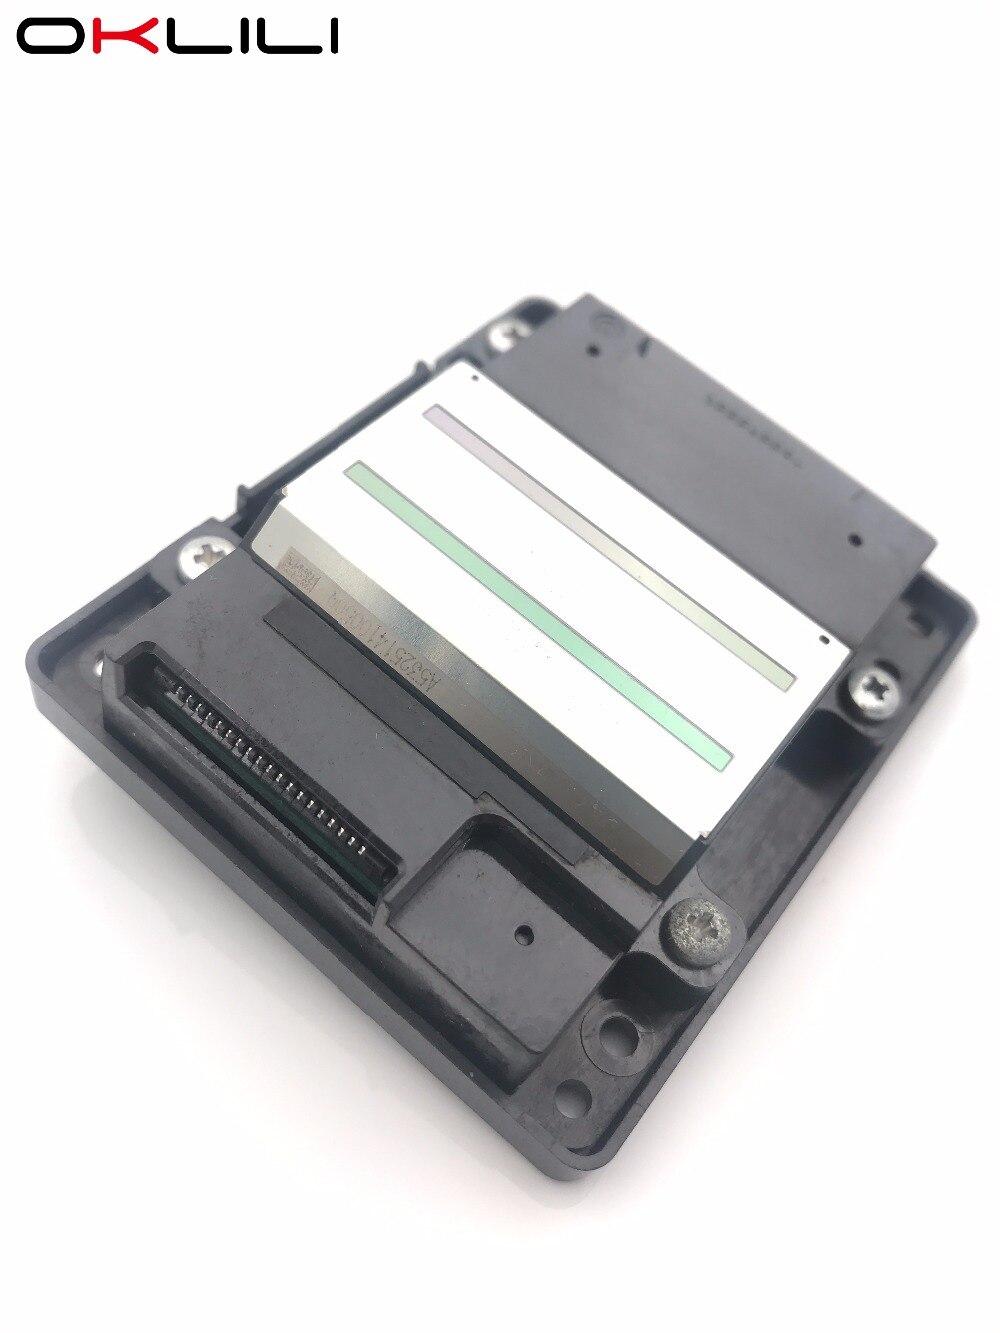 188 T1881 cabezal de impresión para Epson WF-3620 WF-3621 WF-3640 WF-3641 WF-7110 WF-7111 WF-7610 WF-7611 WF-7620 WF-7621 L1455